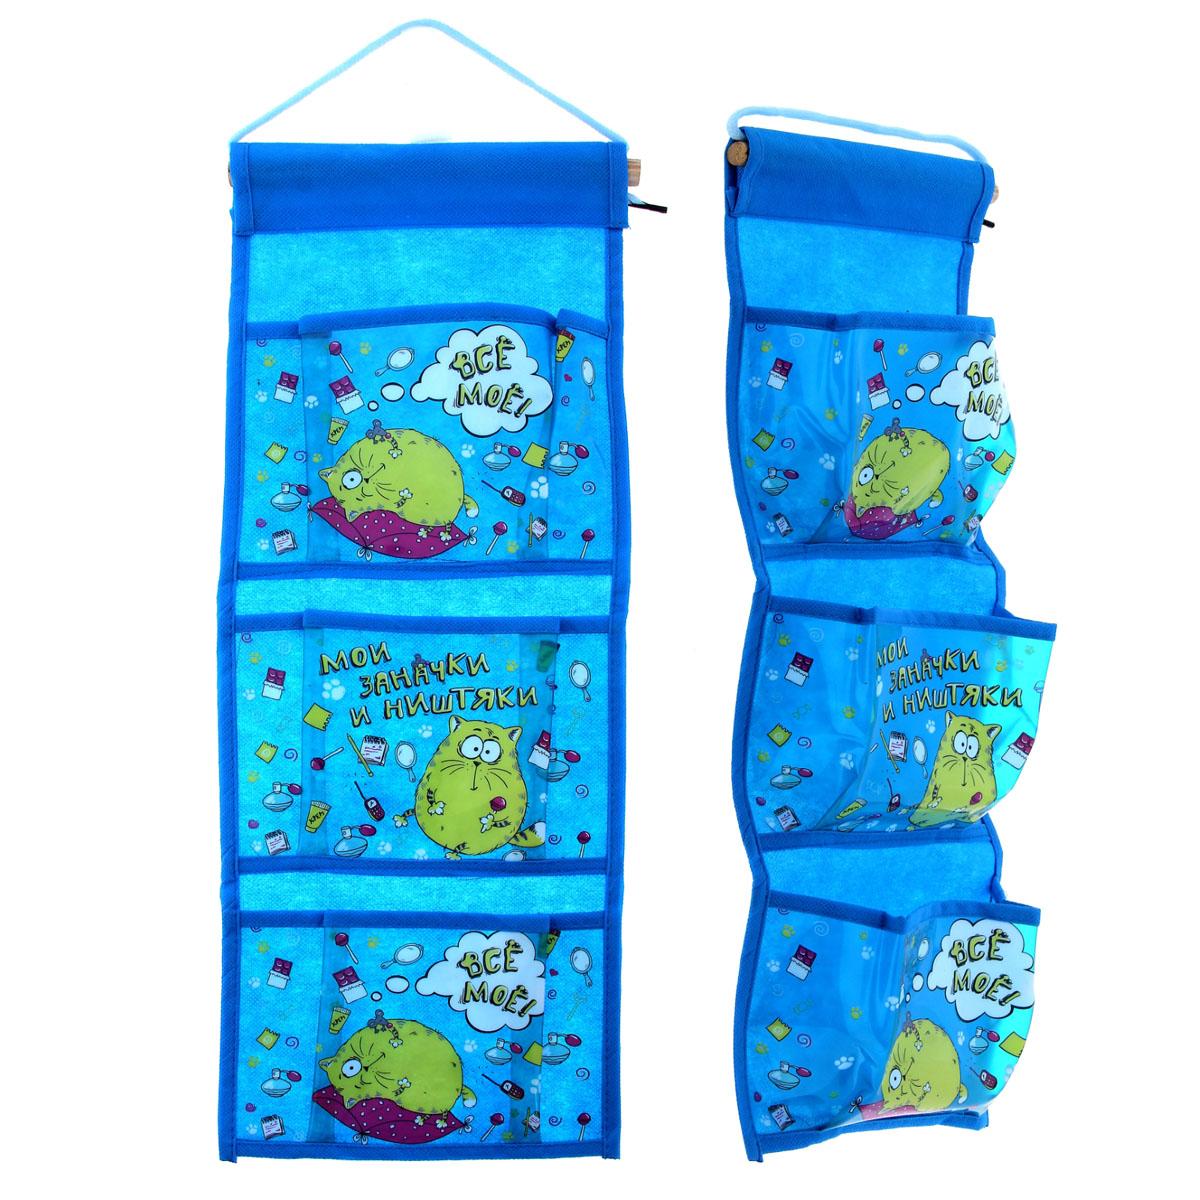 Кармашки на стену Sima-land Мои заначки и ништяки, цвет: голубой, желтый, бордовый, 3 шт151397Кармашки на стену Sima-land «Мои заначки и ништяки», изготовленные из текстиля и пластика, предназначены для хранения необходимых вещей, множества мелочей в гардеробной, ванной, детской комнатах. Изделие представляет собой текстильное полотно с тремя пришитыми кармашками. Благодаря деревянной планке и шнурку, кармашки можно подвесить на стену или дверь в необходимом для вас месте. Кармашки декорированы изображениями забавного кота, косметики, телефона и надписью «Мои заначки и ништяки». Этот нужный предмет может стать одновременно и декоративным элементом комнаты. Яркий дизайн, как ничто иное, способен оживить интерьер вашего дома. Размер: 51 см х 16,5 см х 0,1 см.